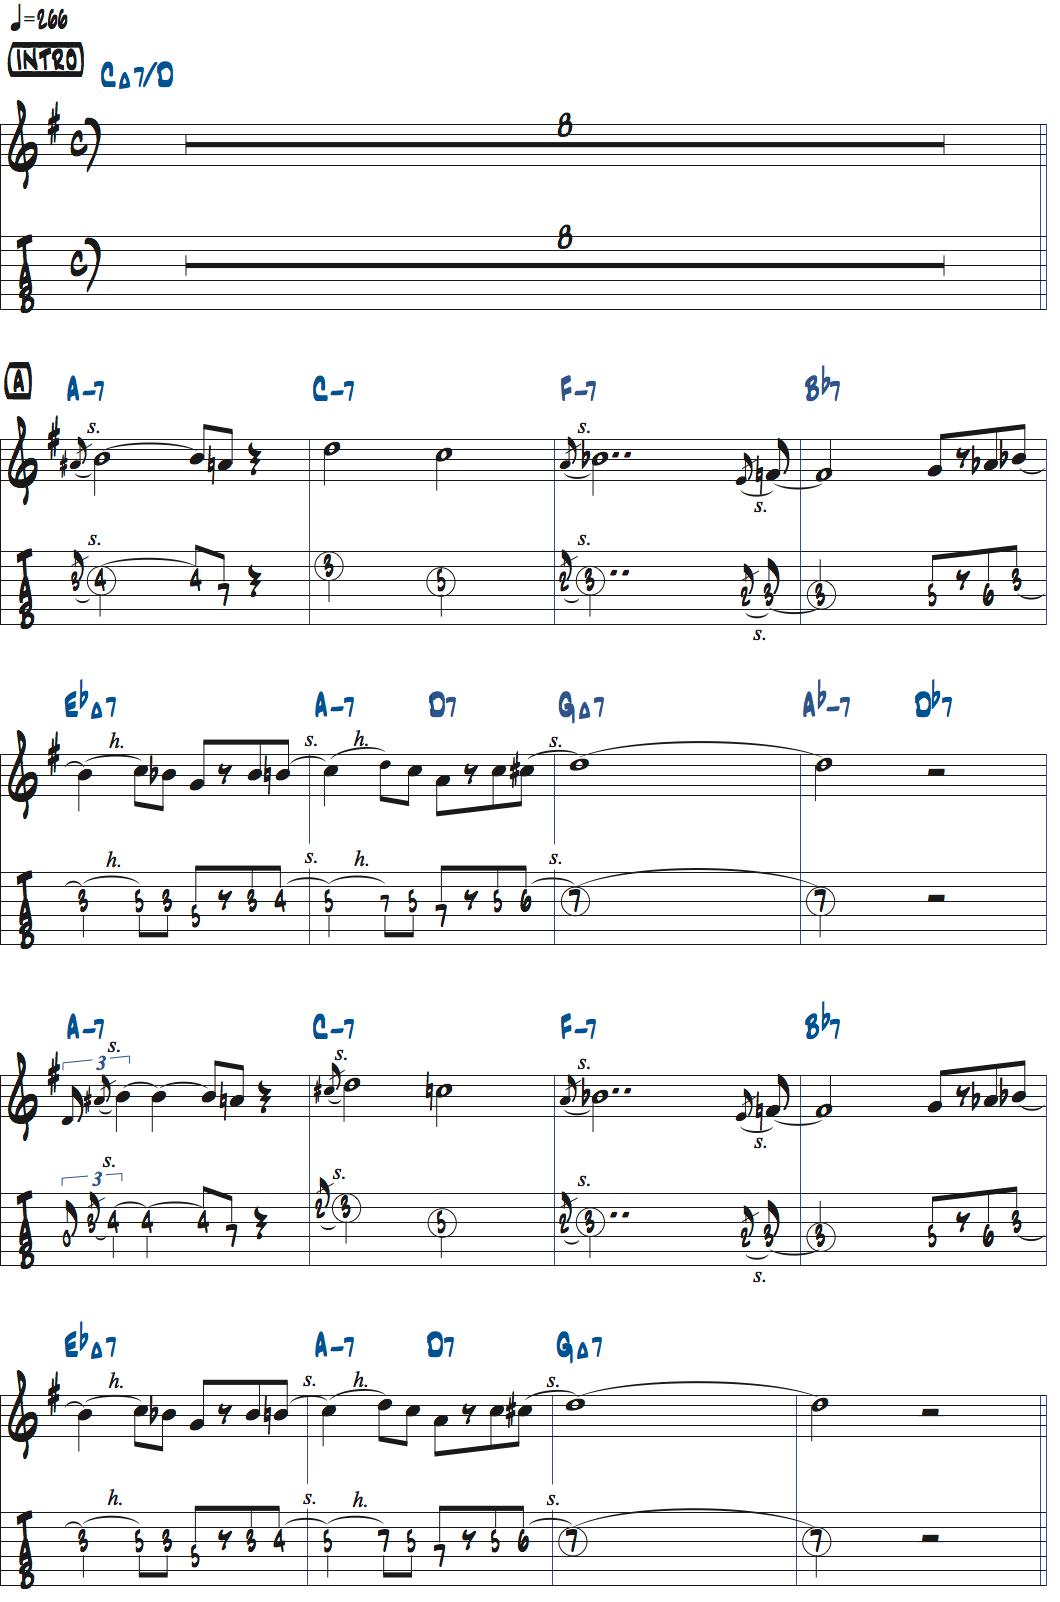 パット・マルティーノLazy Birdの前テーマ・メロディ楽譜ページ1